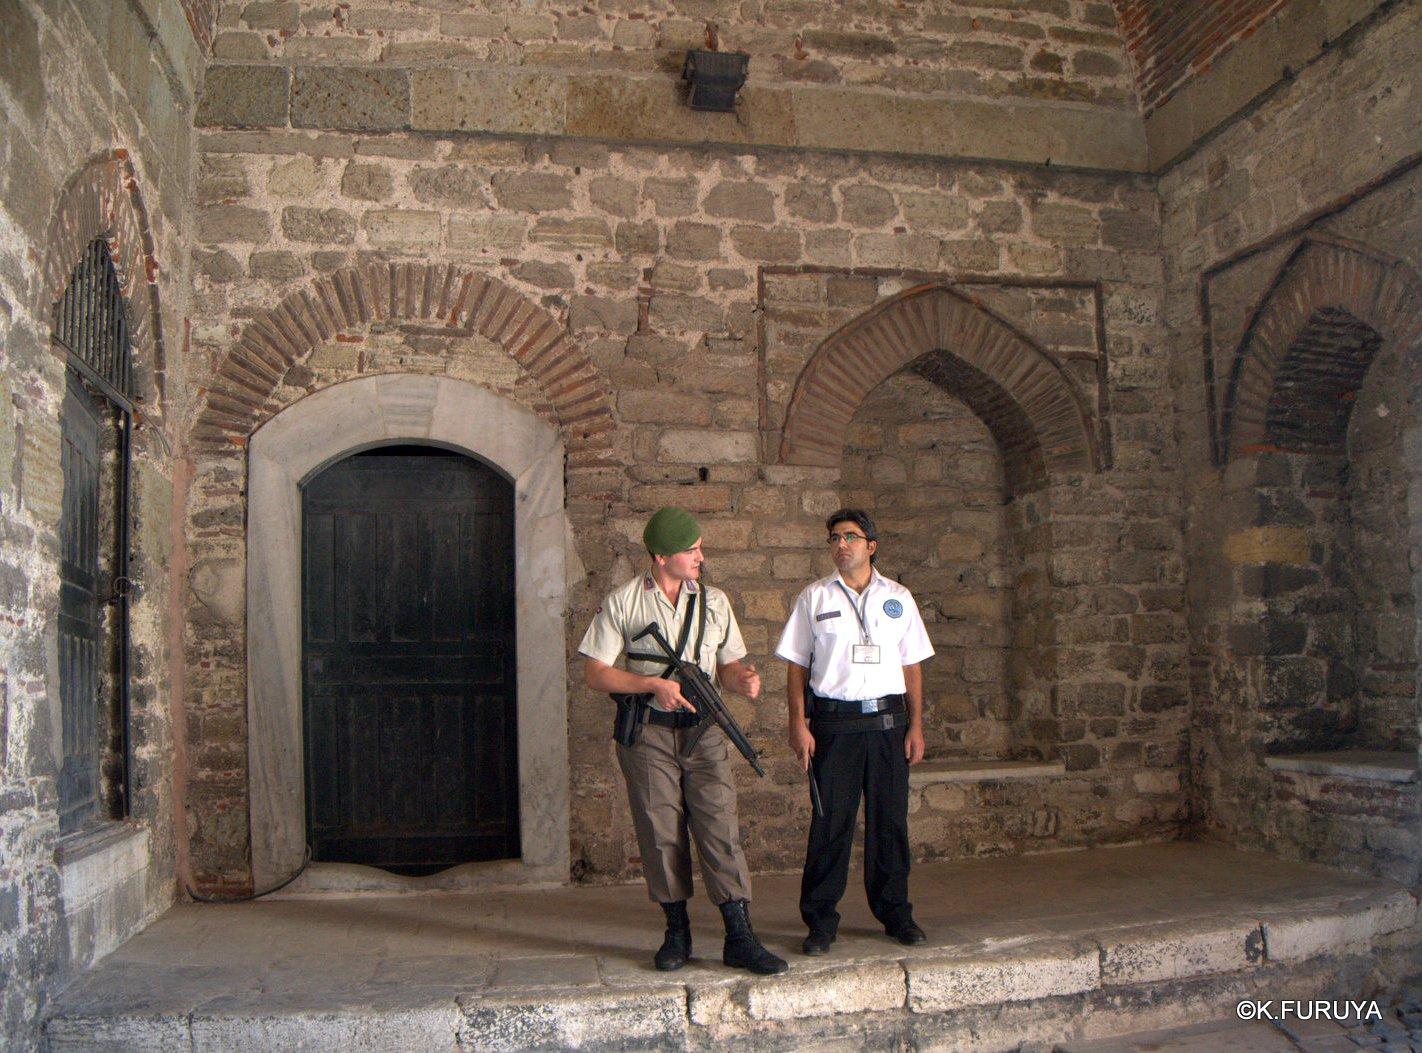 トルコ旅行記 34 トプカピ宮殿 1_a0092659_23332649.jpg